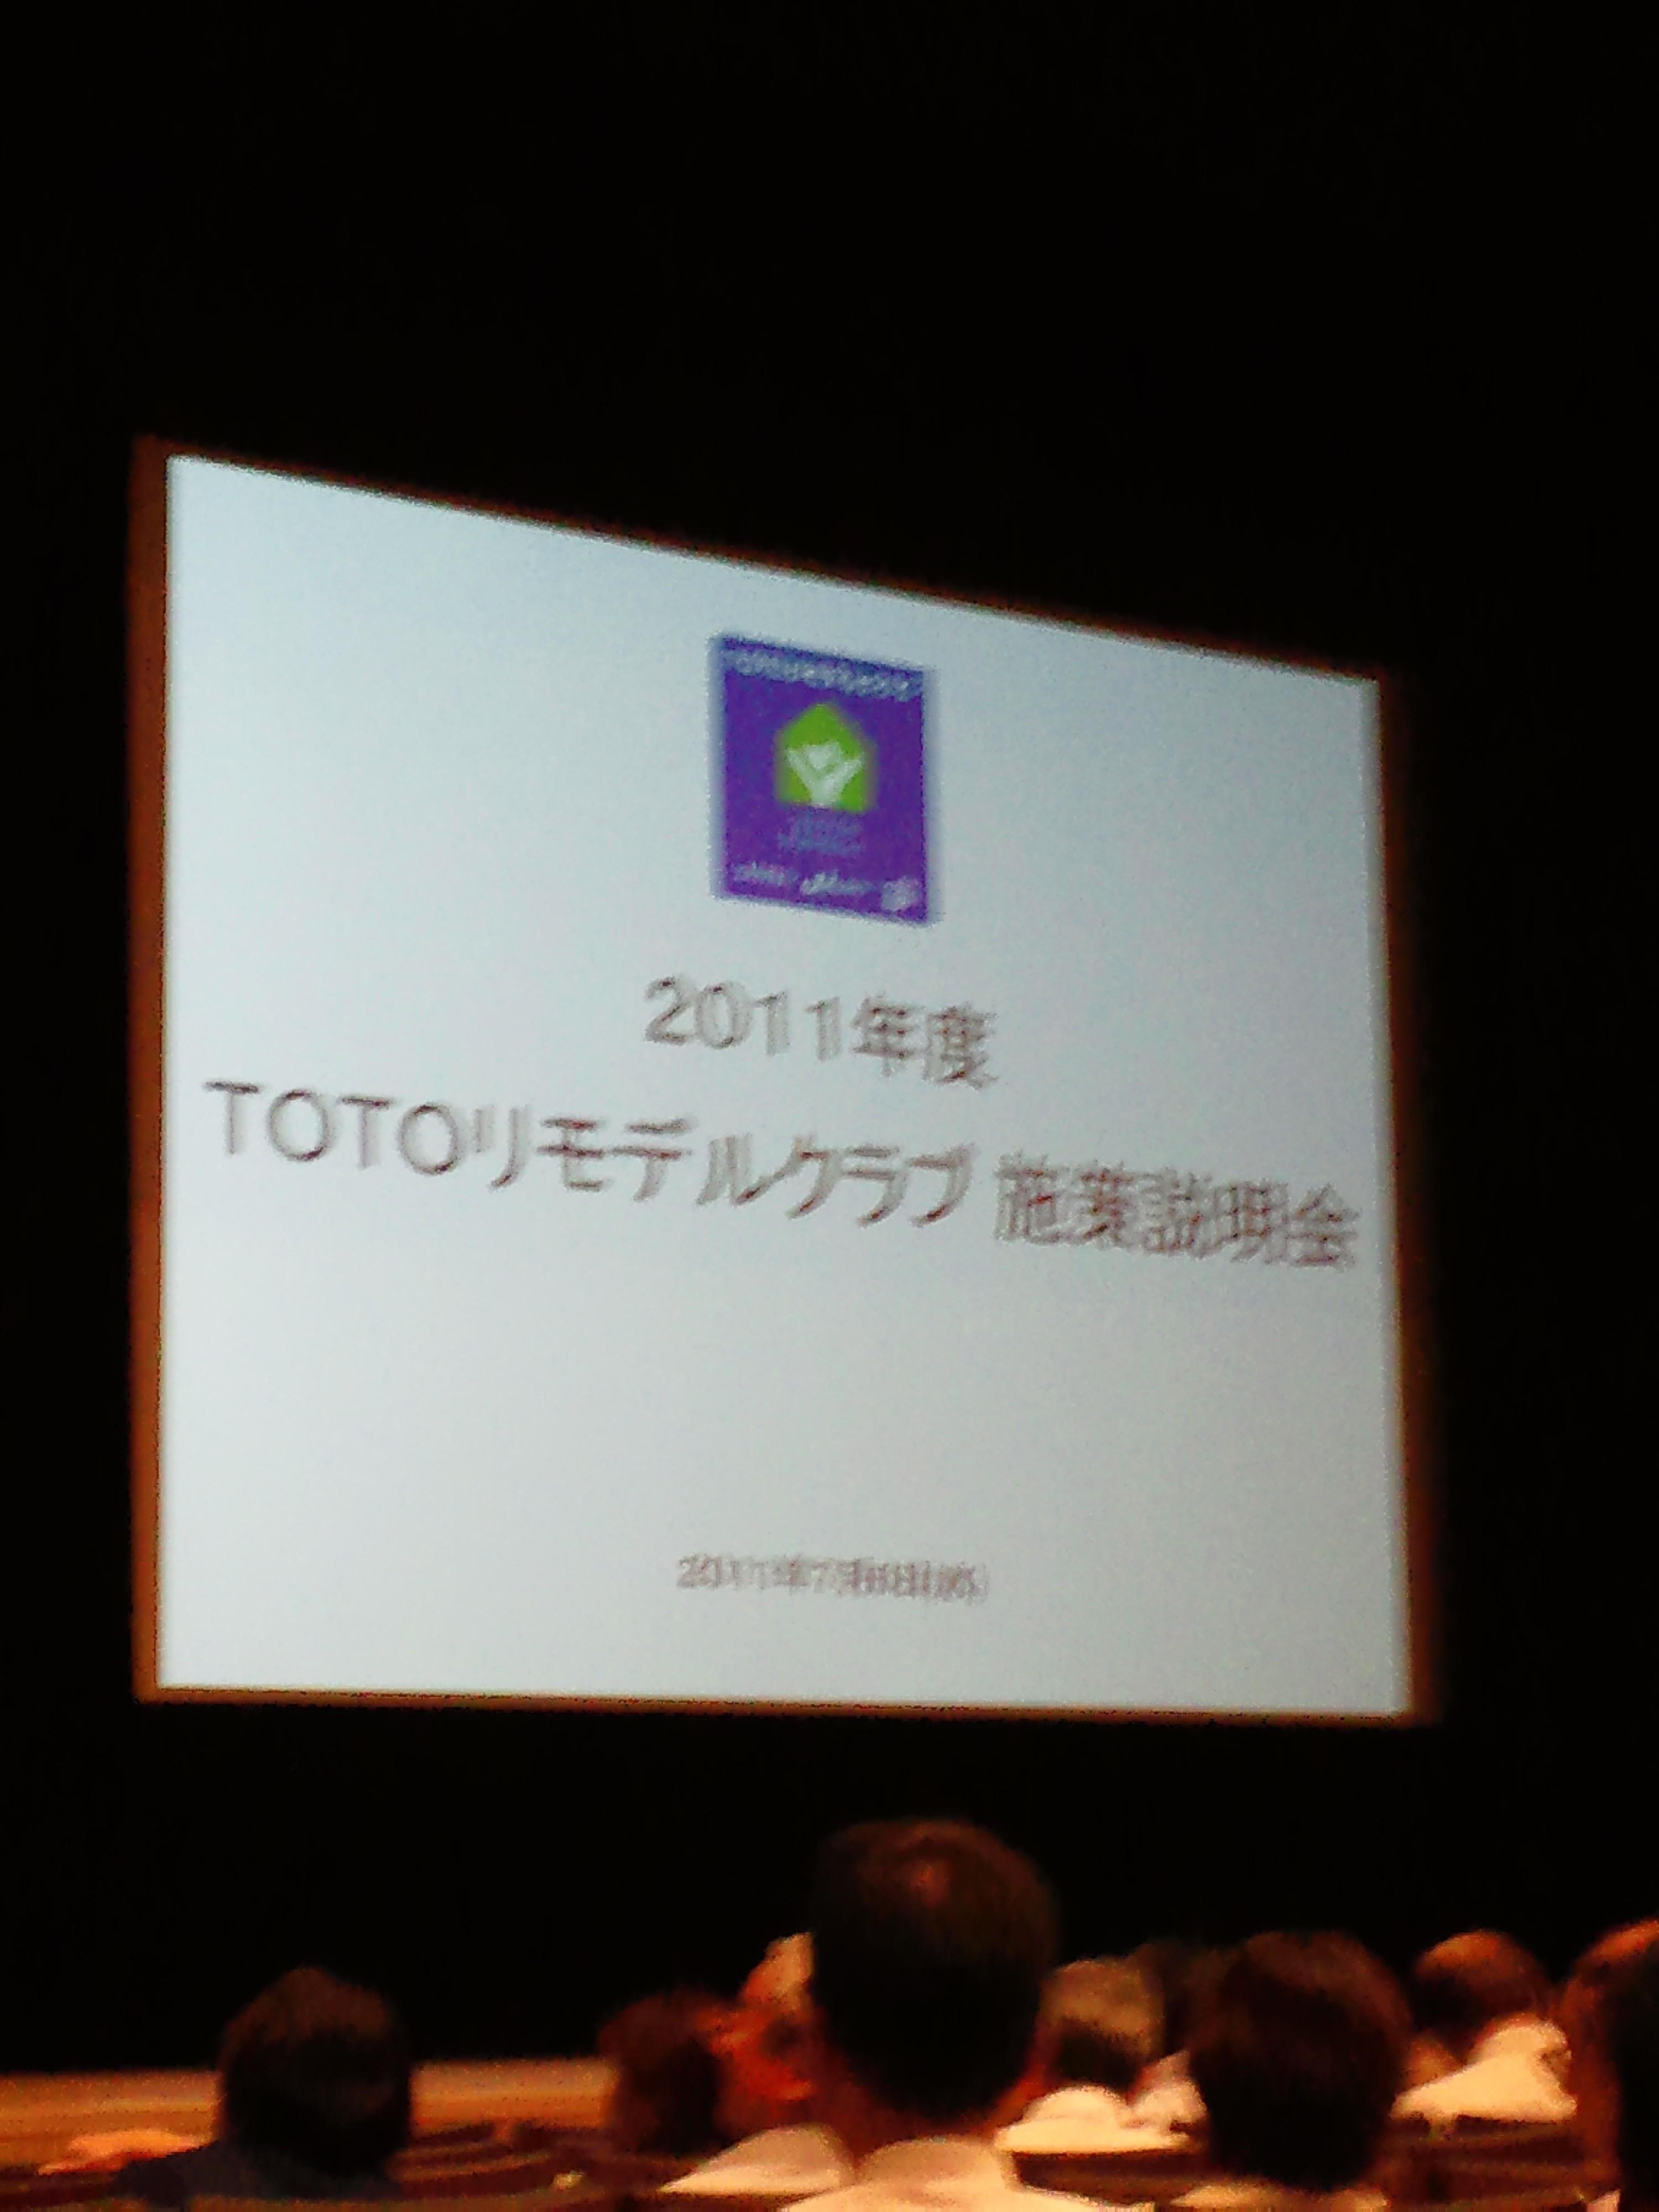 グリーンリモデルが、TOTOさんのキーワード